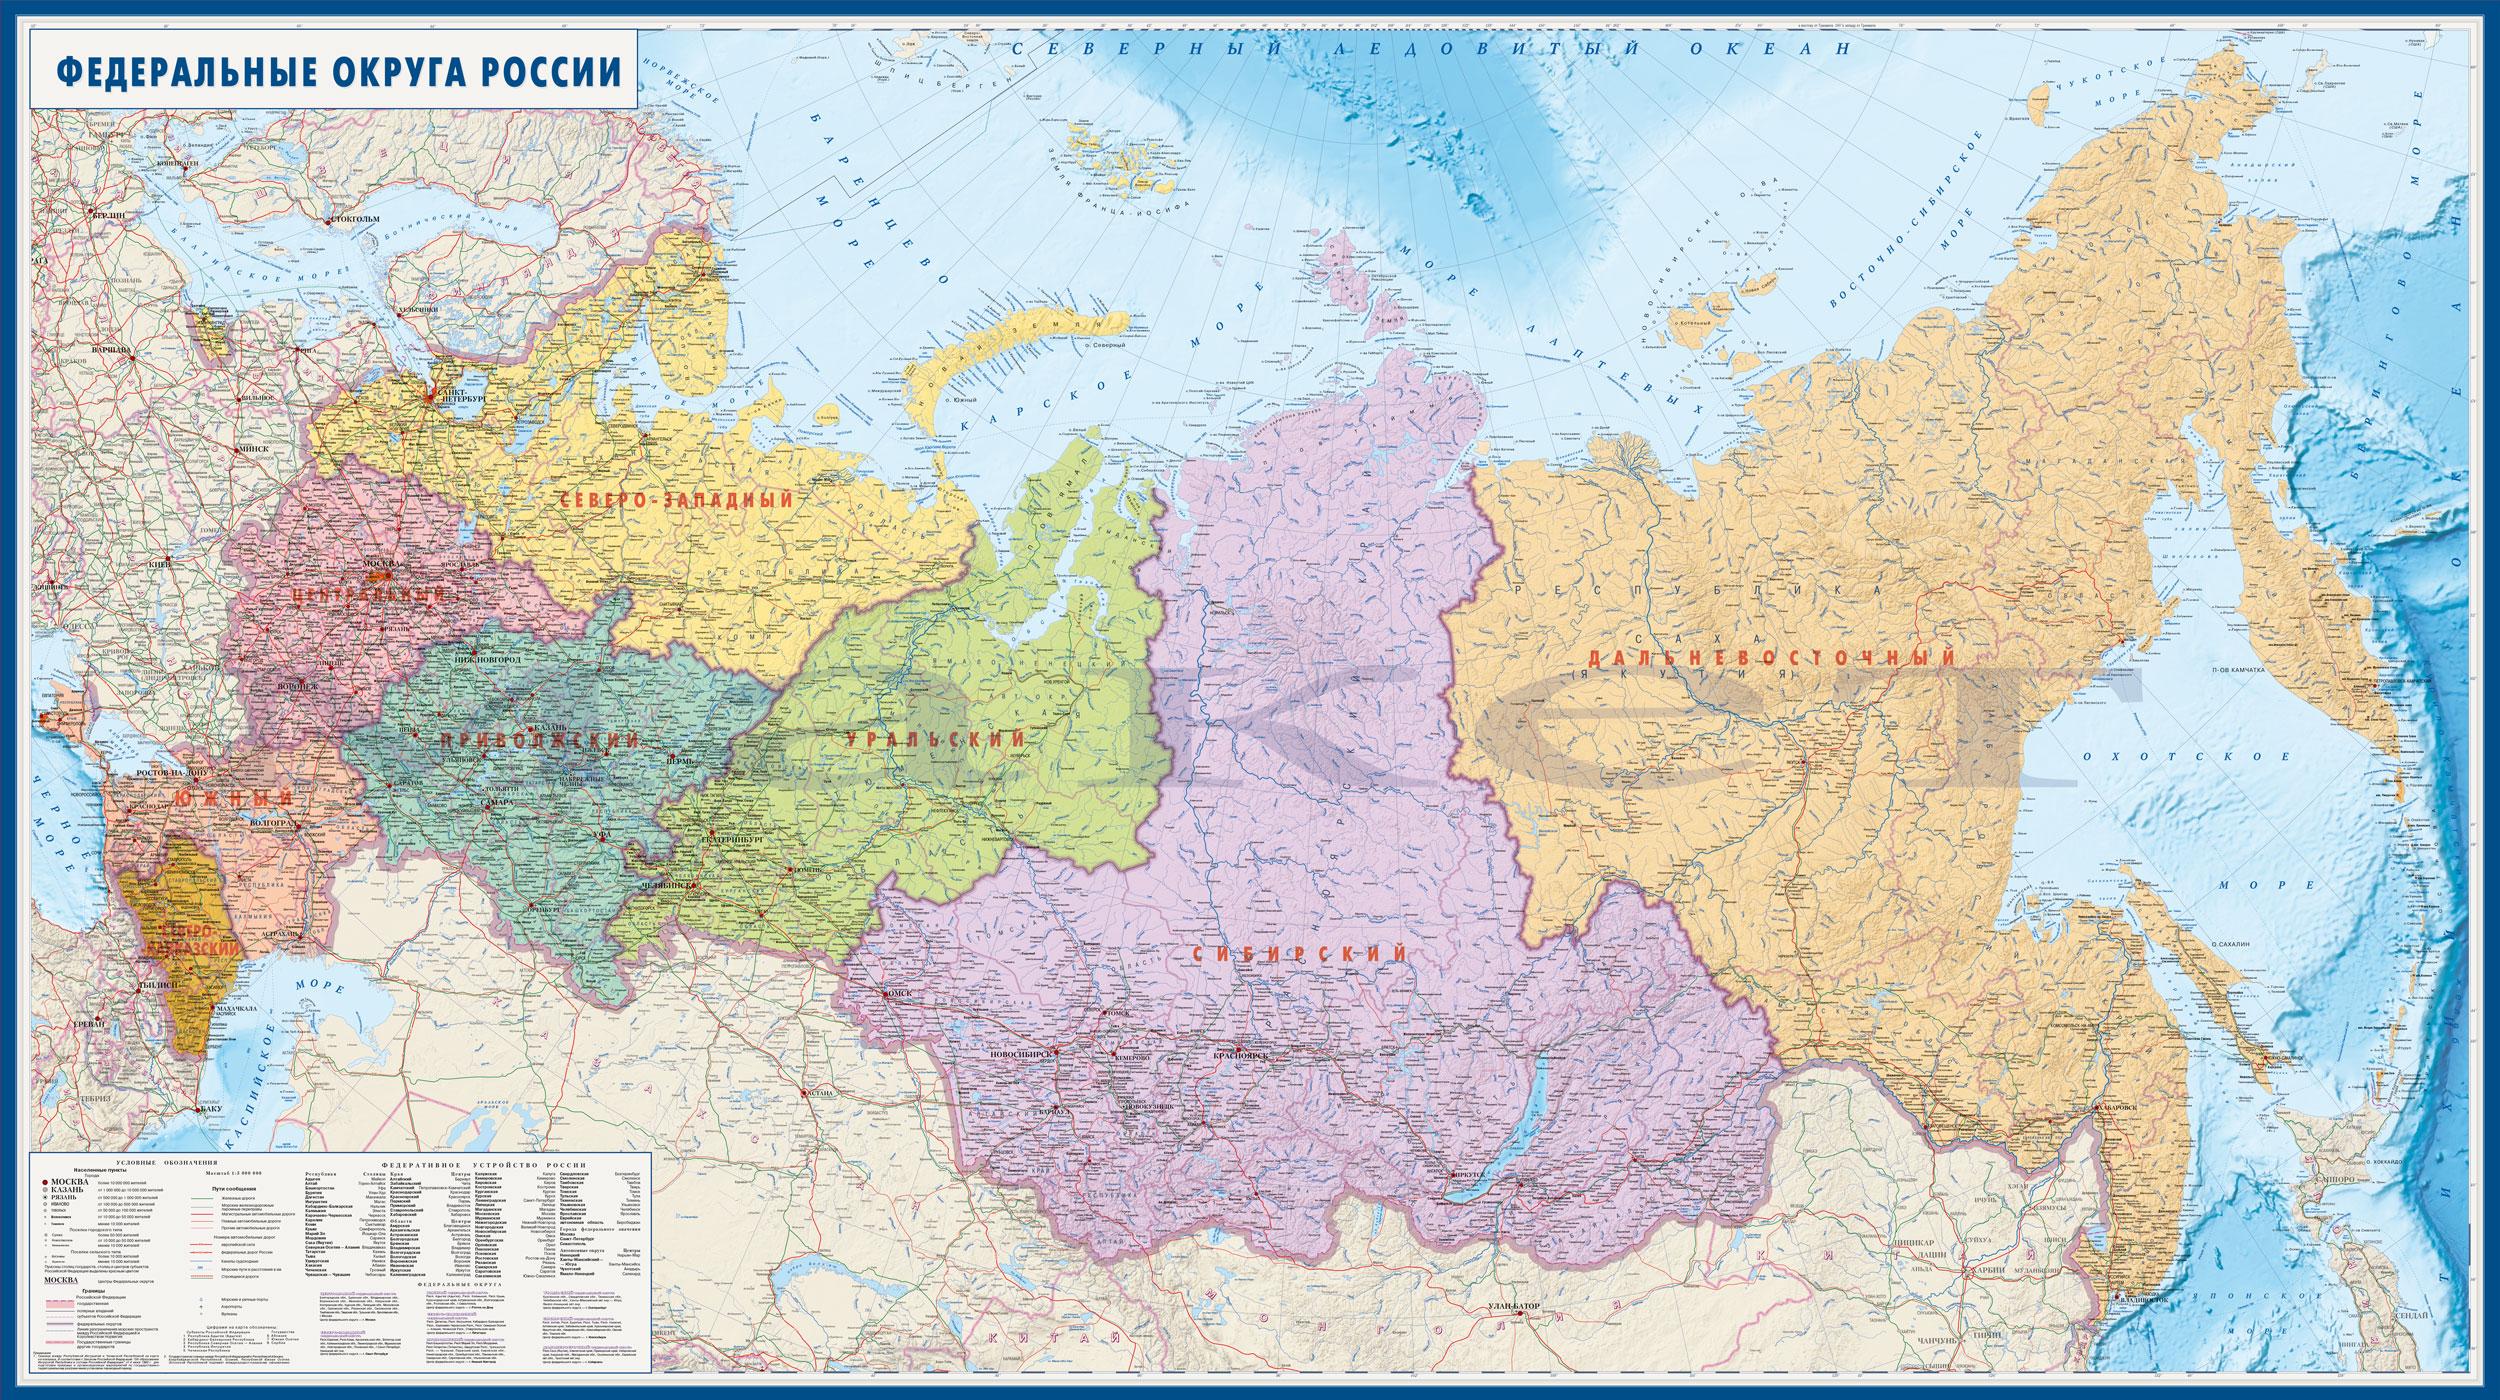 Настенная карта федеральных округов России 2,5х1,4 м